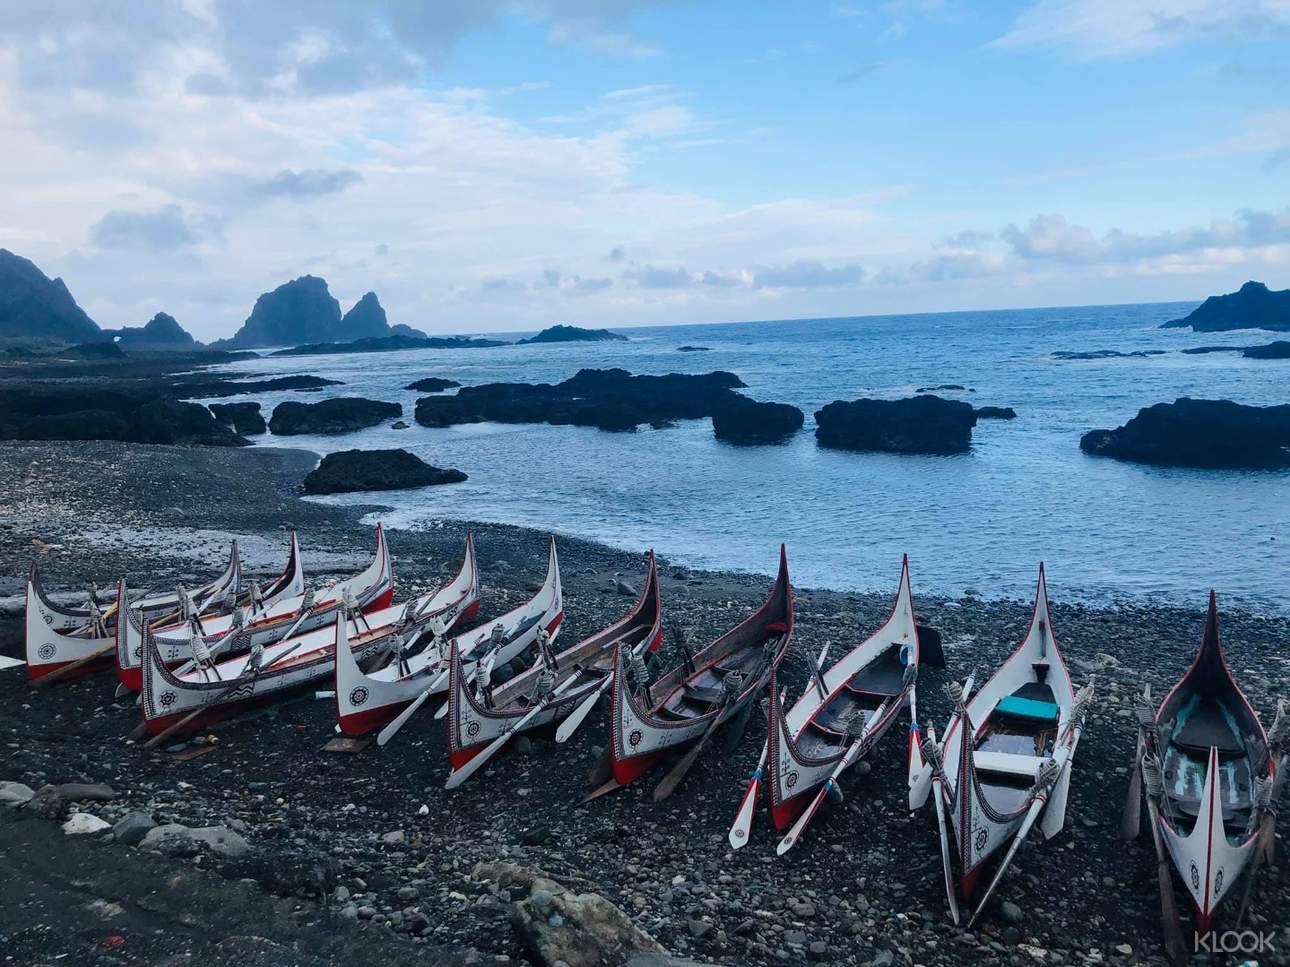 拼板舟船身以紅、白、黑三色為基調,呈現強烈的民族風格